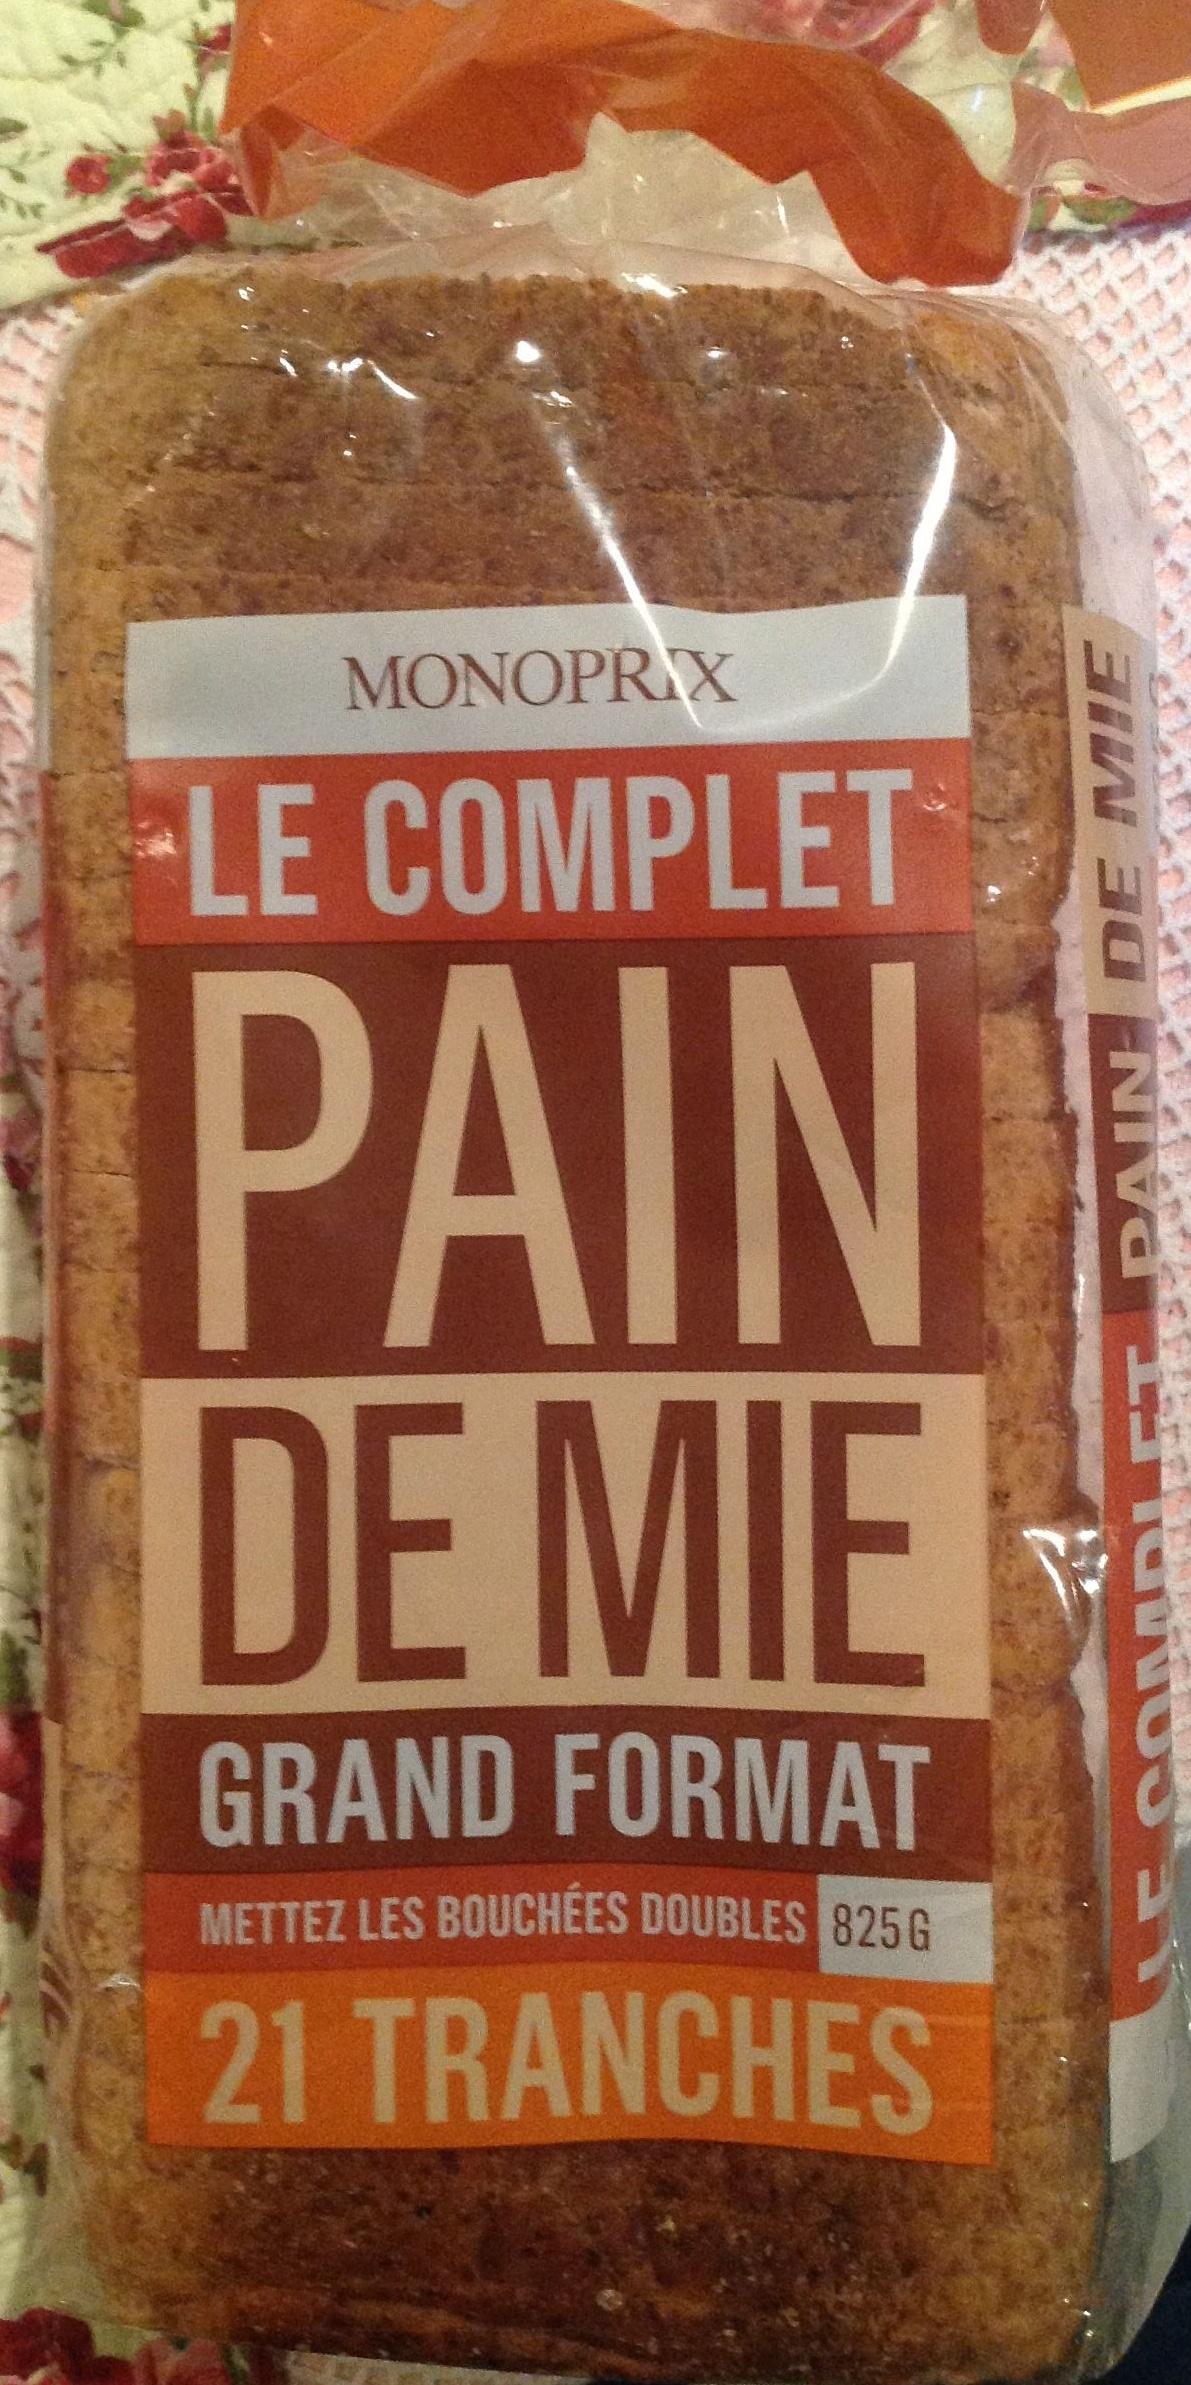 Pain de mie complet grand format - Produit - fr